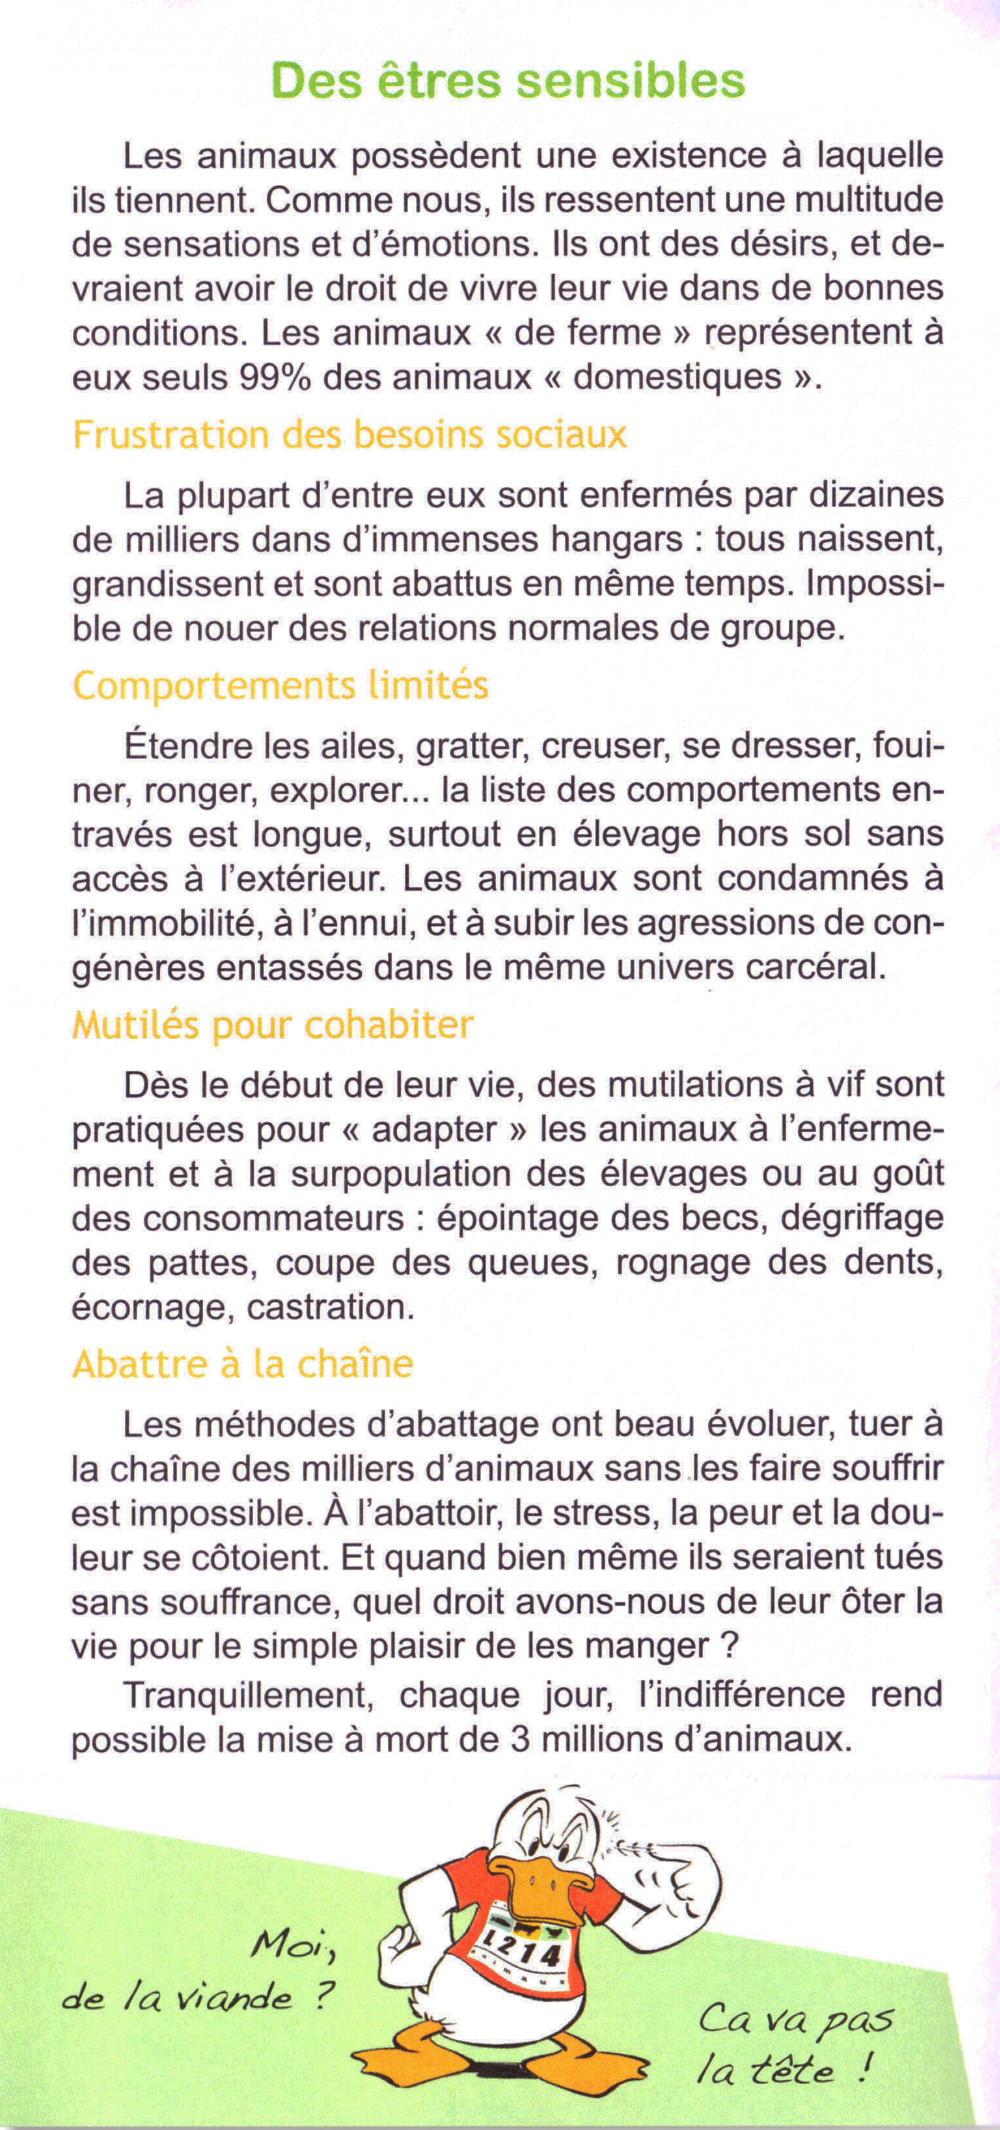 Abolition du foie gras 11/11/2010 Paris : compte-rendu 101111040653853867097085